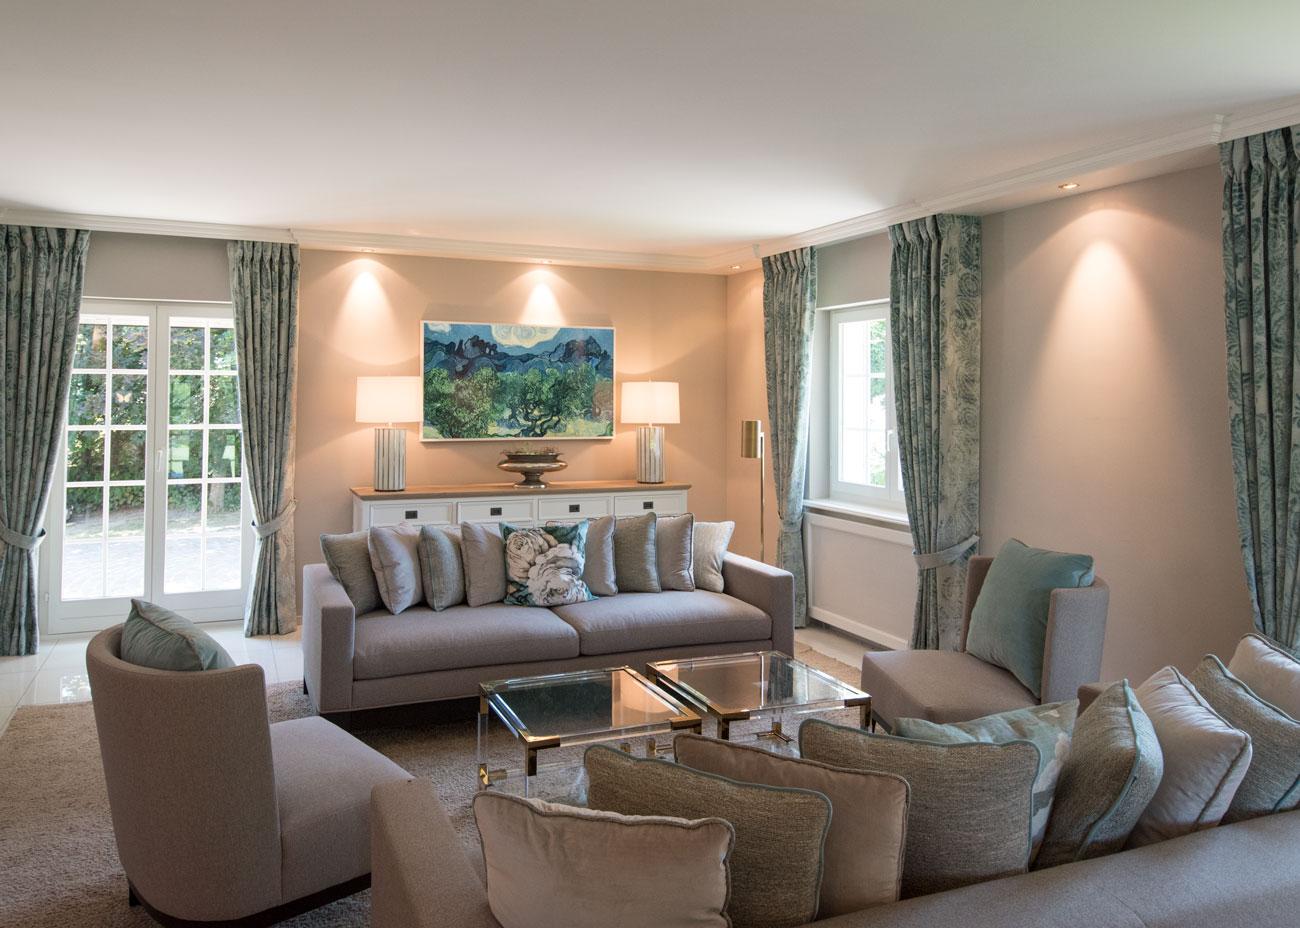 haus renovierung ideen wohnzimmer couch sessel kissen taupe türkis leuchten vorhänge